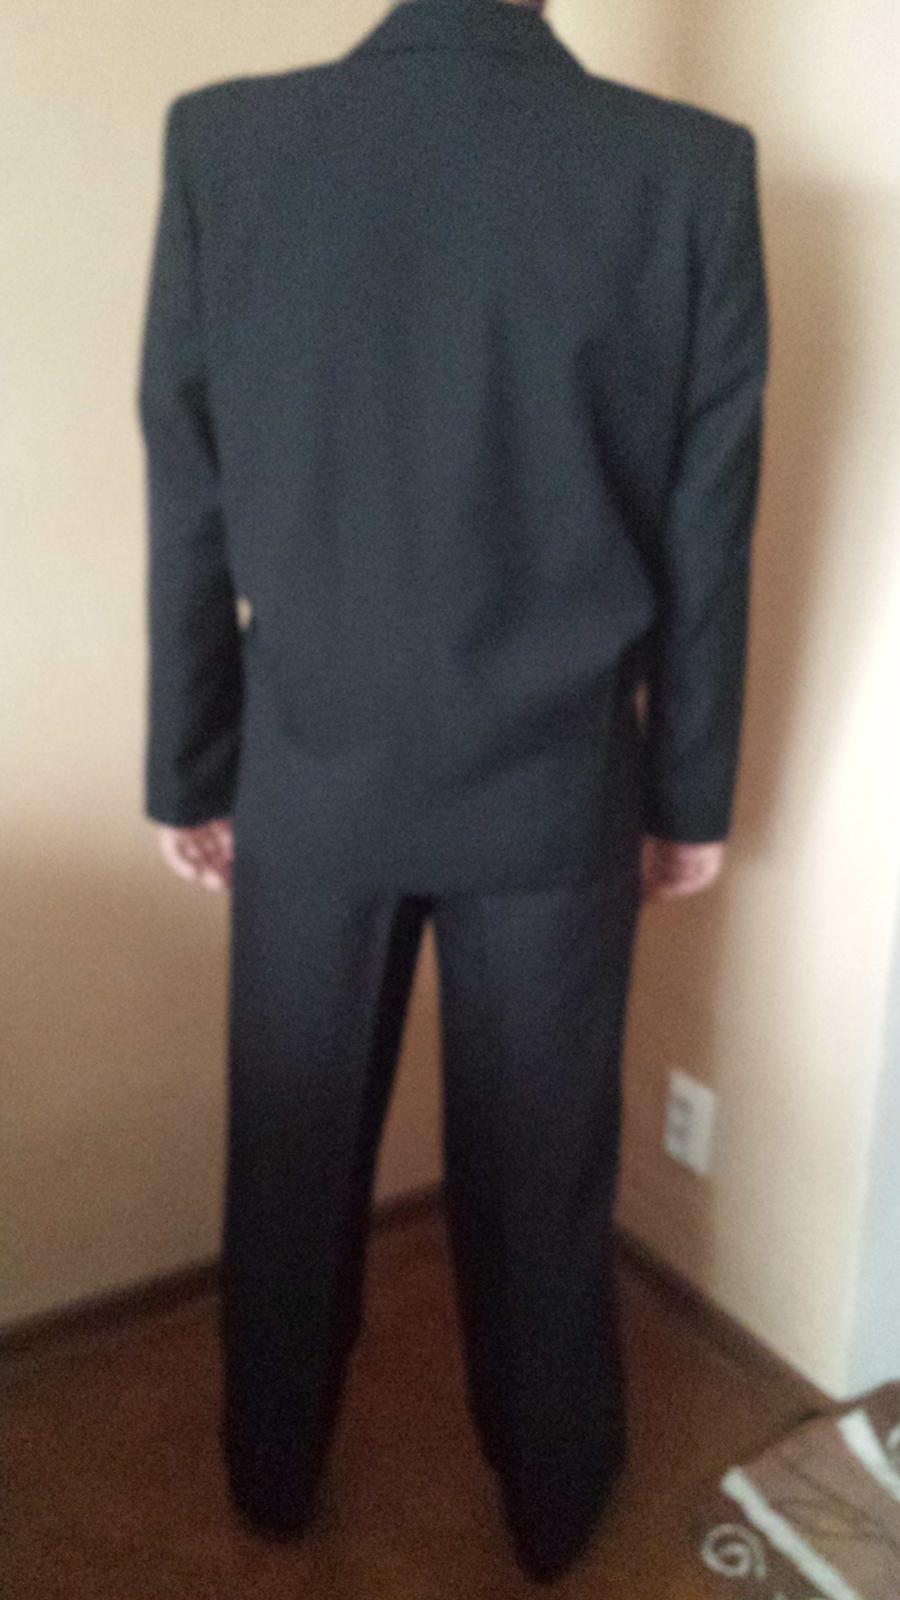 Čierny pánsky oblek - Obrázok č. 2